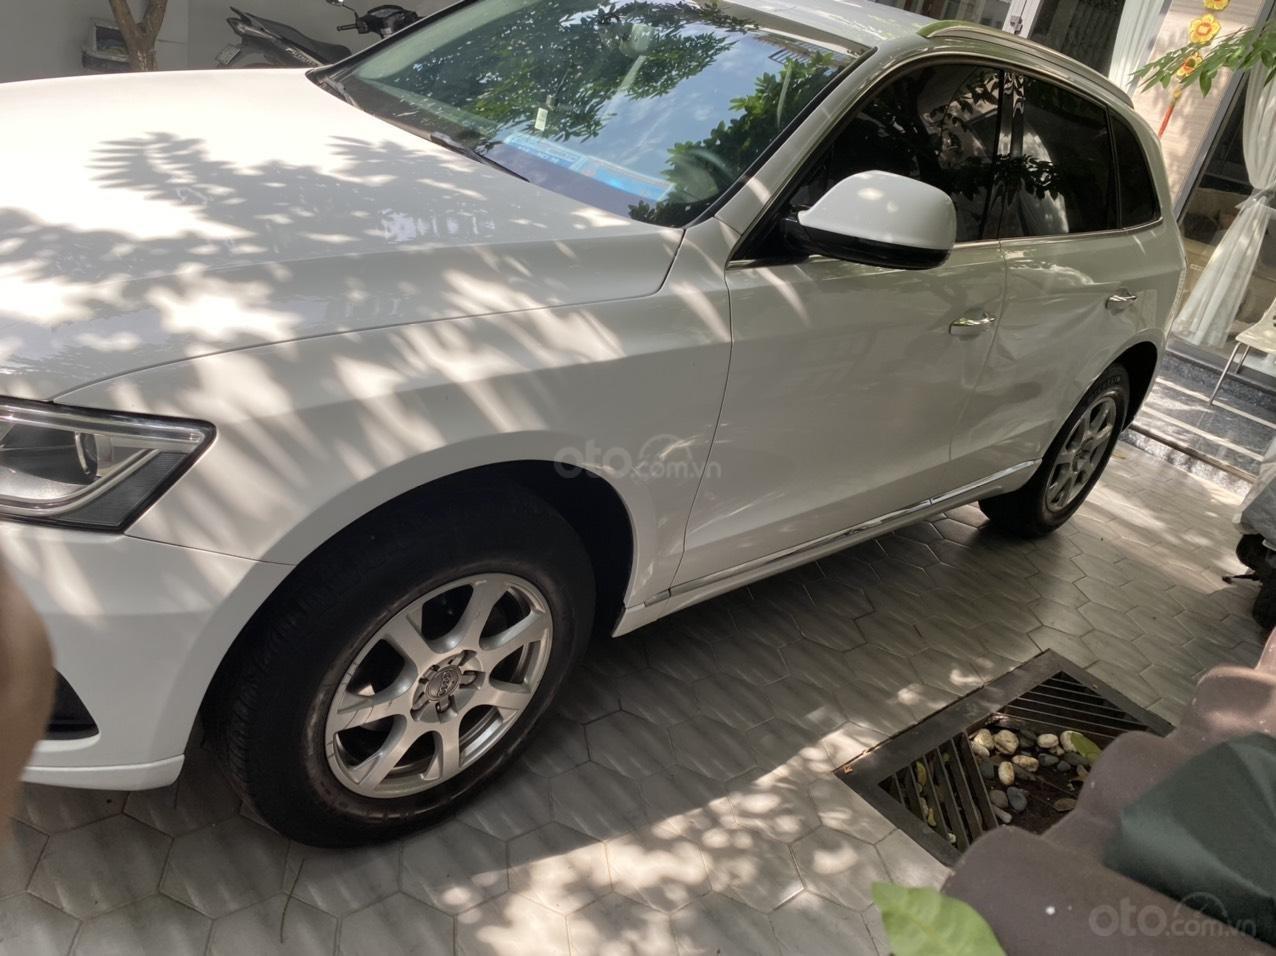 Chính chủ bán gấp xe Audi Q5 đời 2015, xe còn cực đẹp (2)